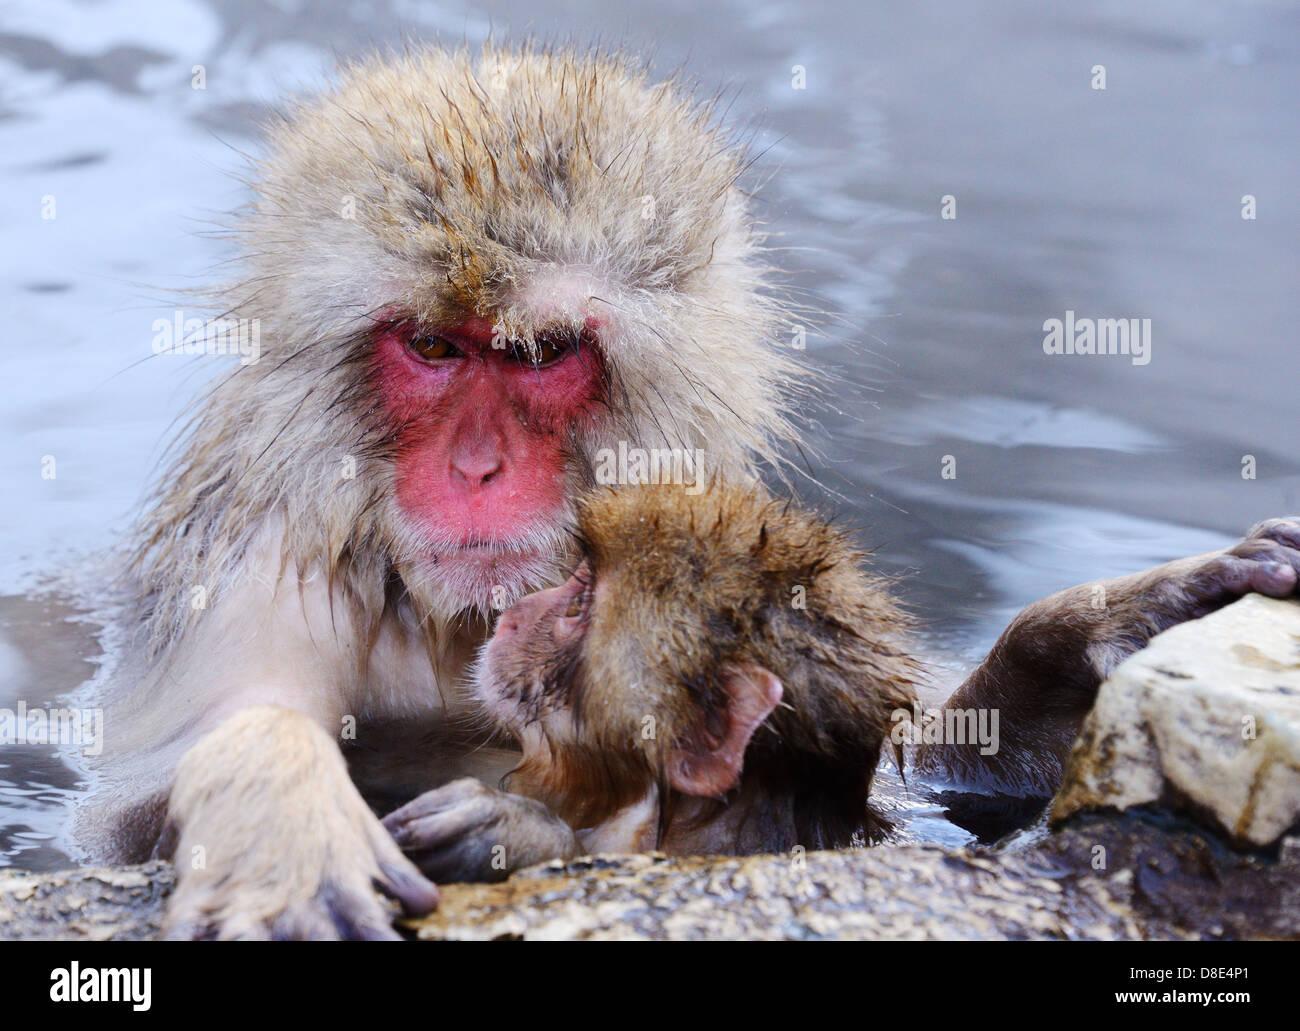 Les singes macaques japonais (neige), à Nagano, au Japon. Photo Stock